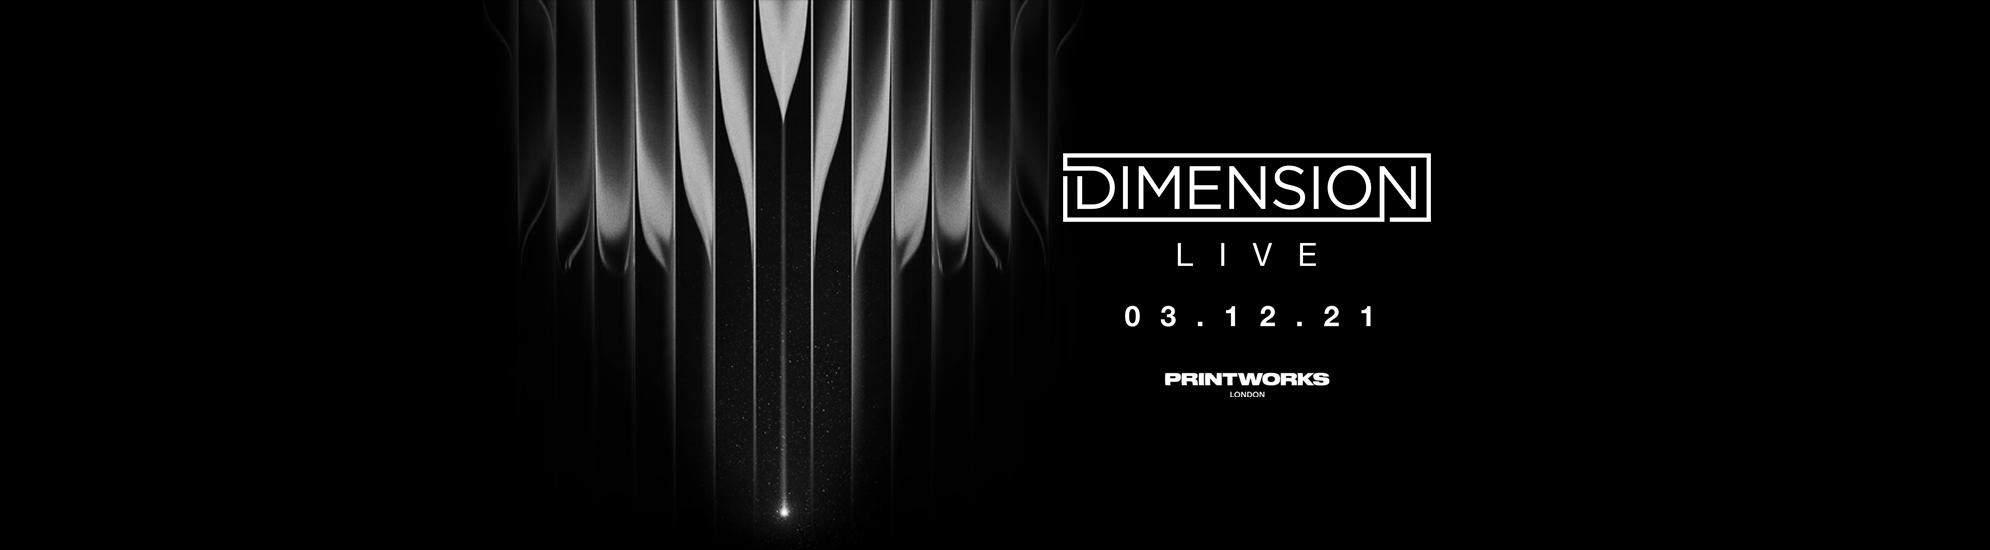 Dimension Live